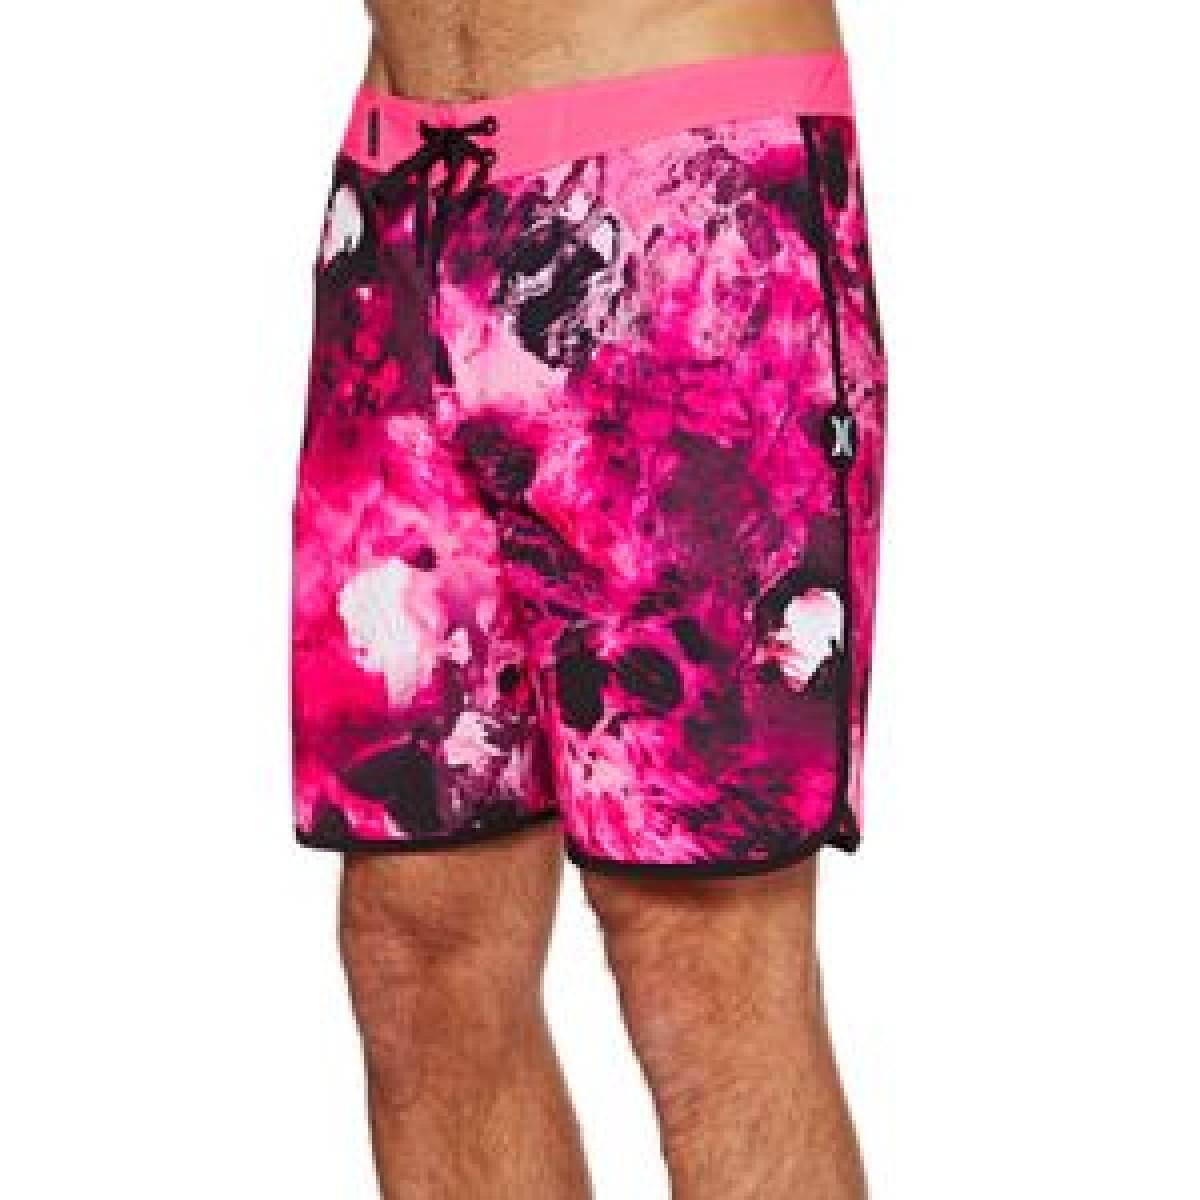 5c7119533d9 Hurley Phantom Snapper Rocks 18'' Board Shorts (Hyper Pink)